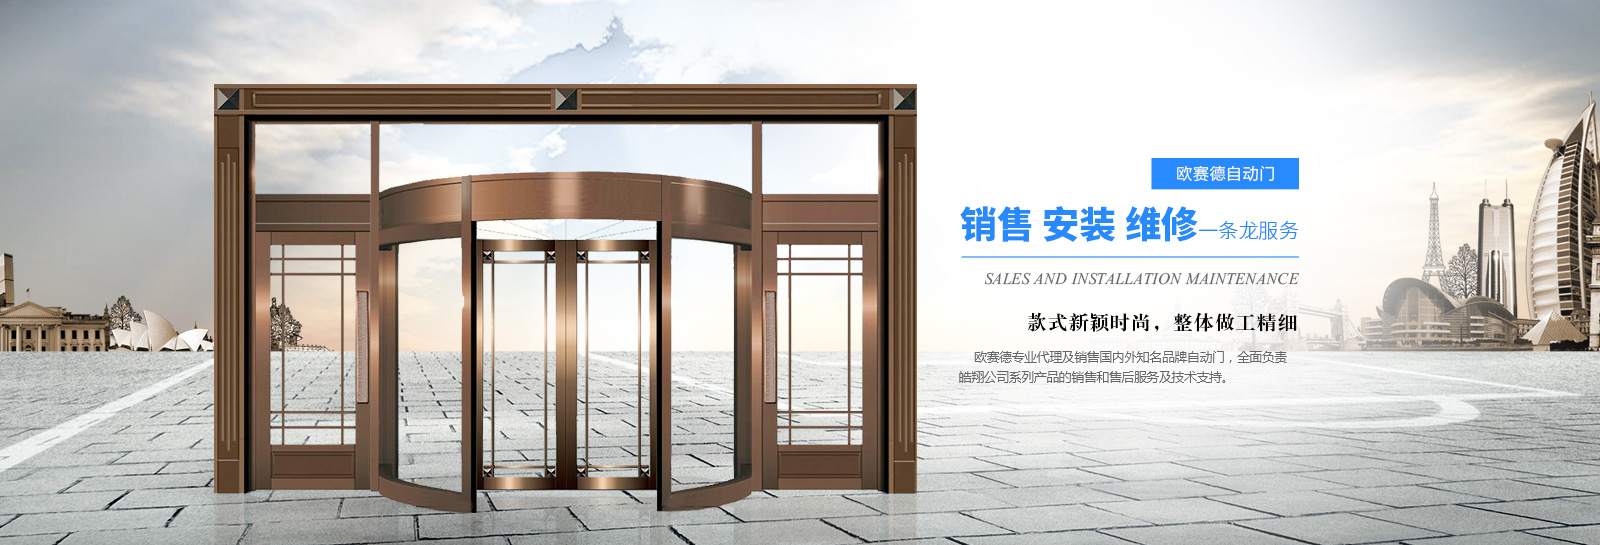 重庆自动门厂家